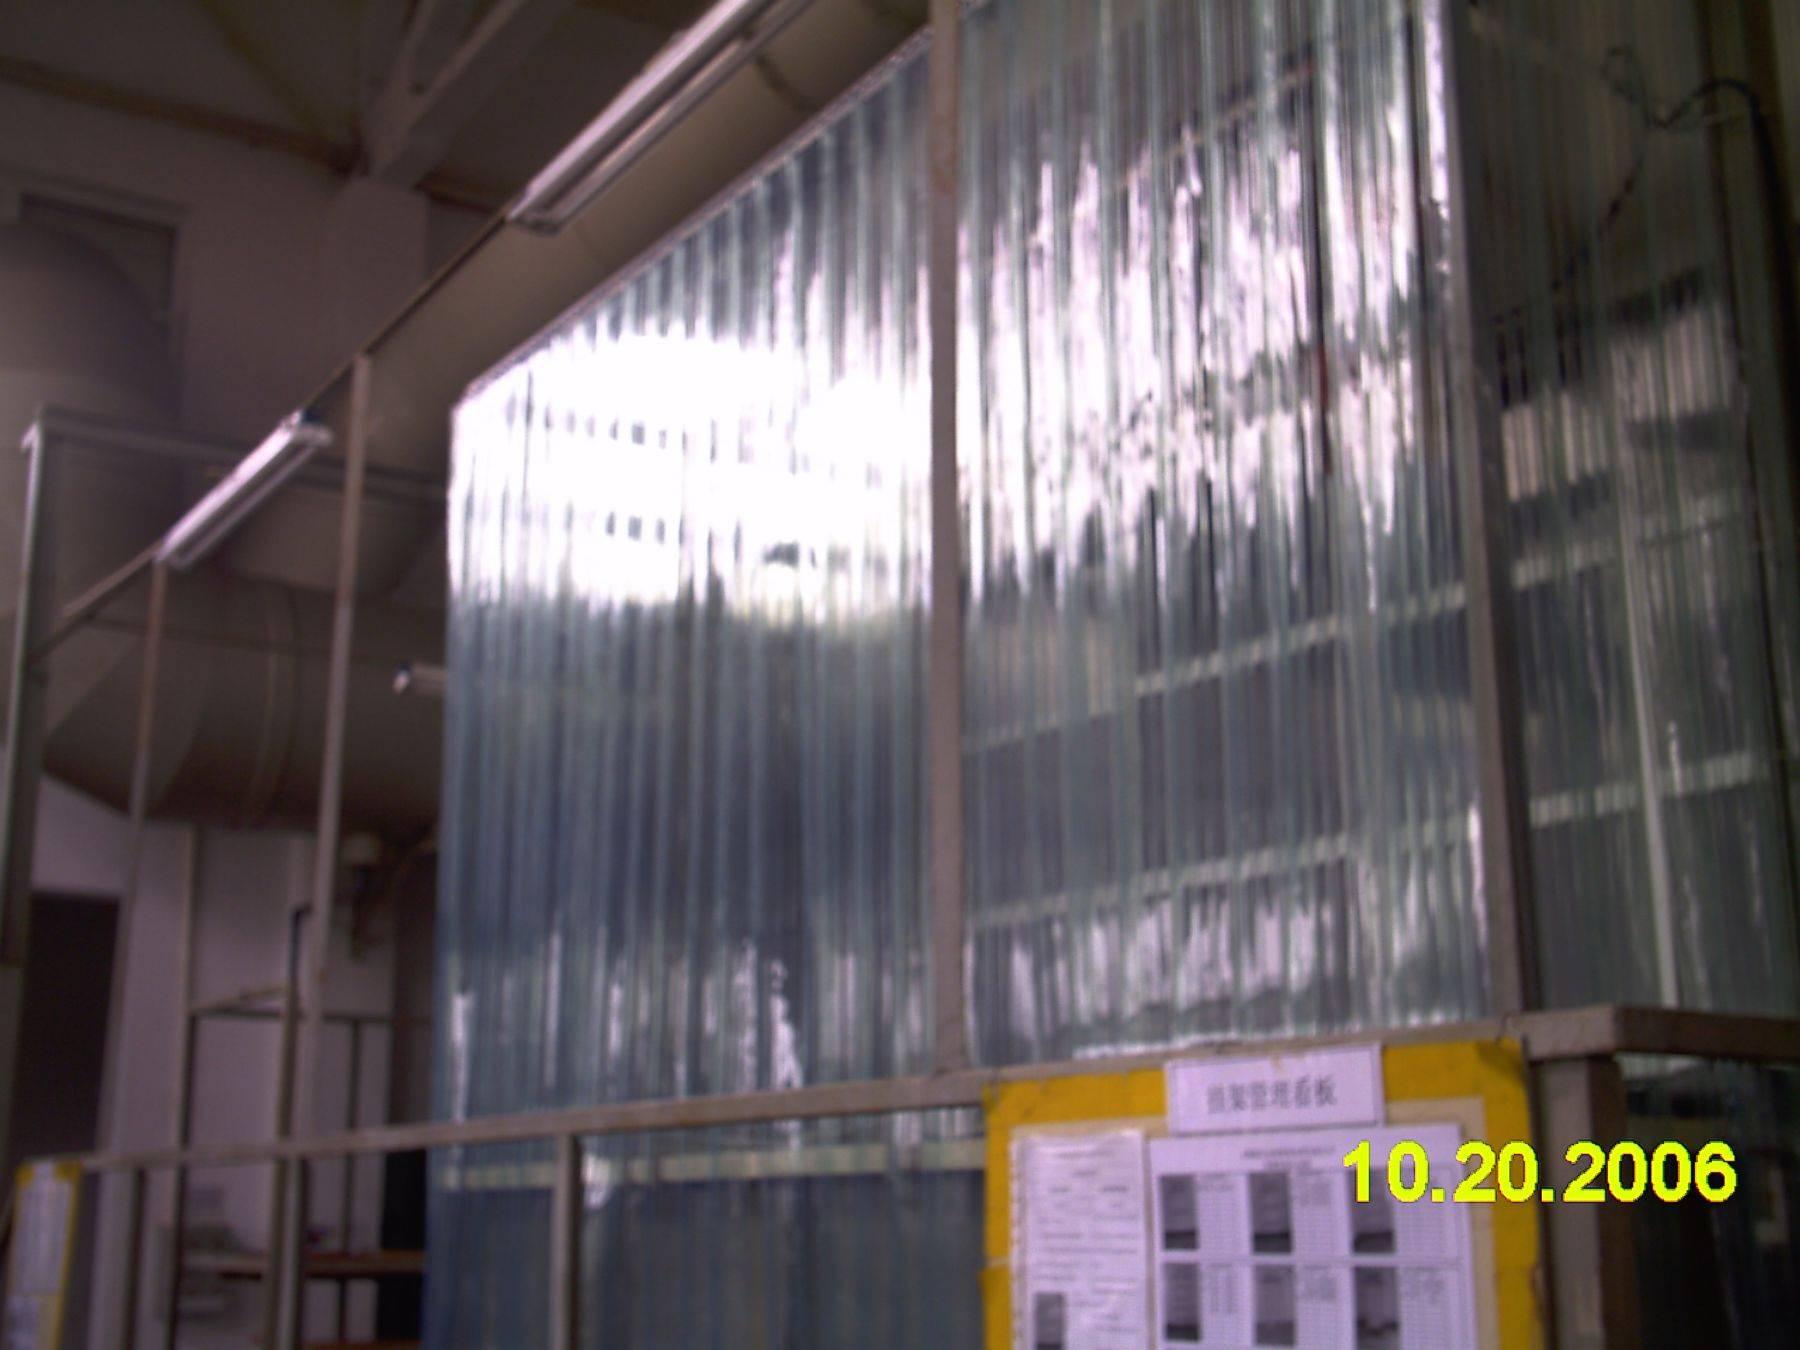 冻库专用门帘-冻库专用门帘批发、促销价格、产地货源 - 阿里巴巴